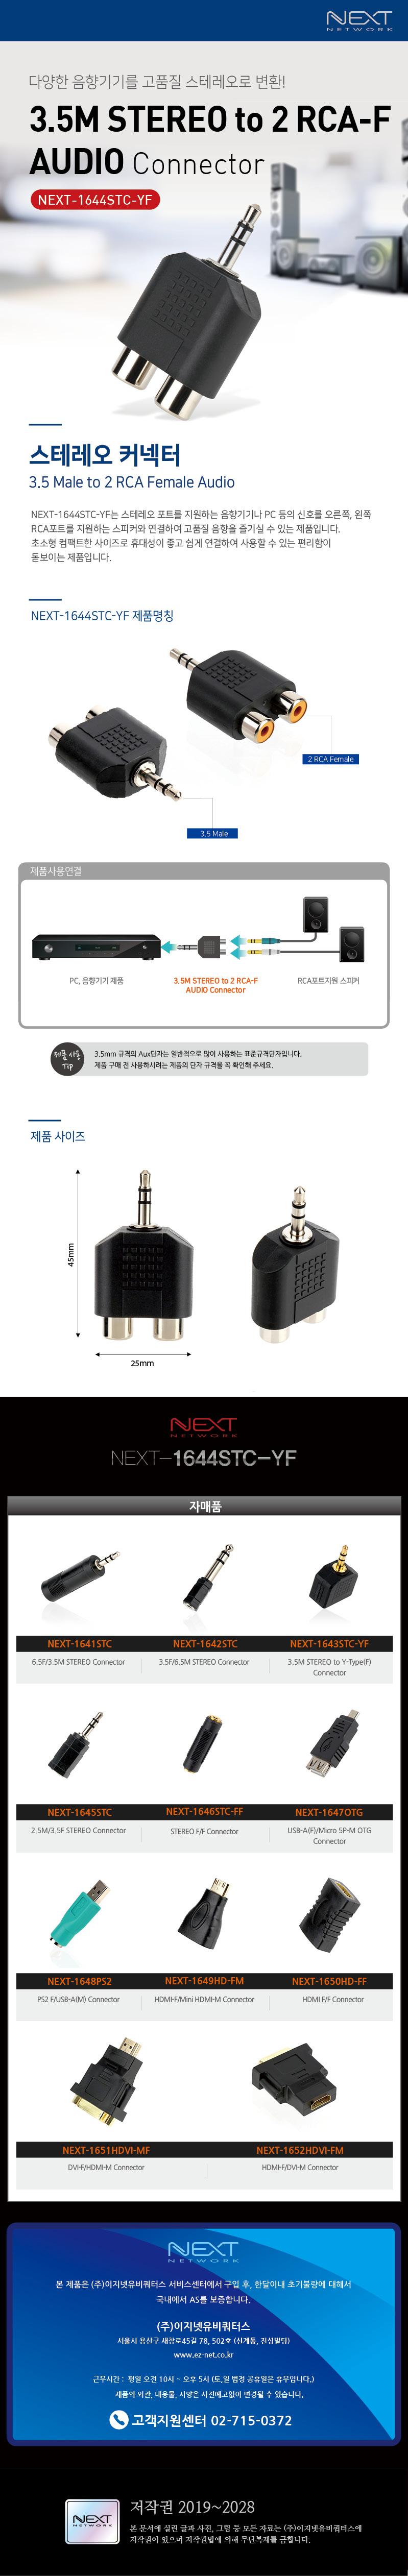 이지넷유비쿼터스  3.5M 스테레오 to 2RCA F 오디오 변환젠더 (NEXT-1644STC-YF)